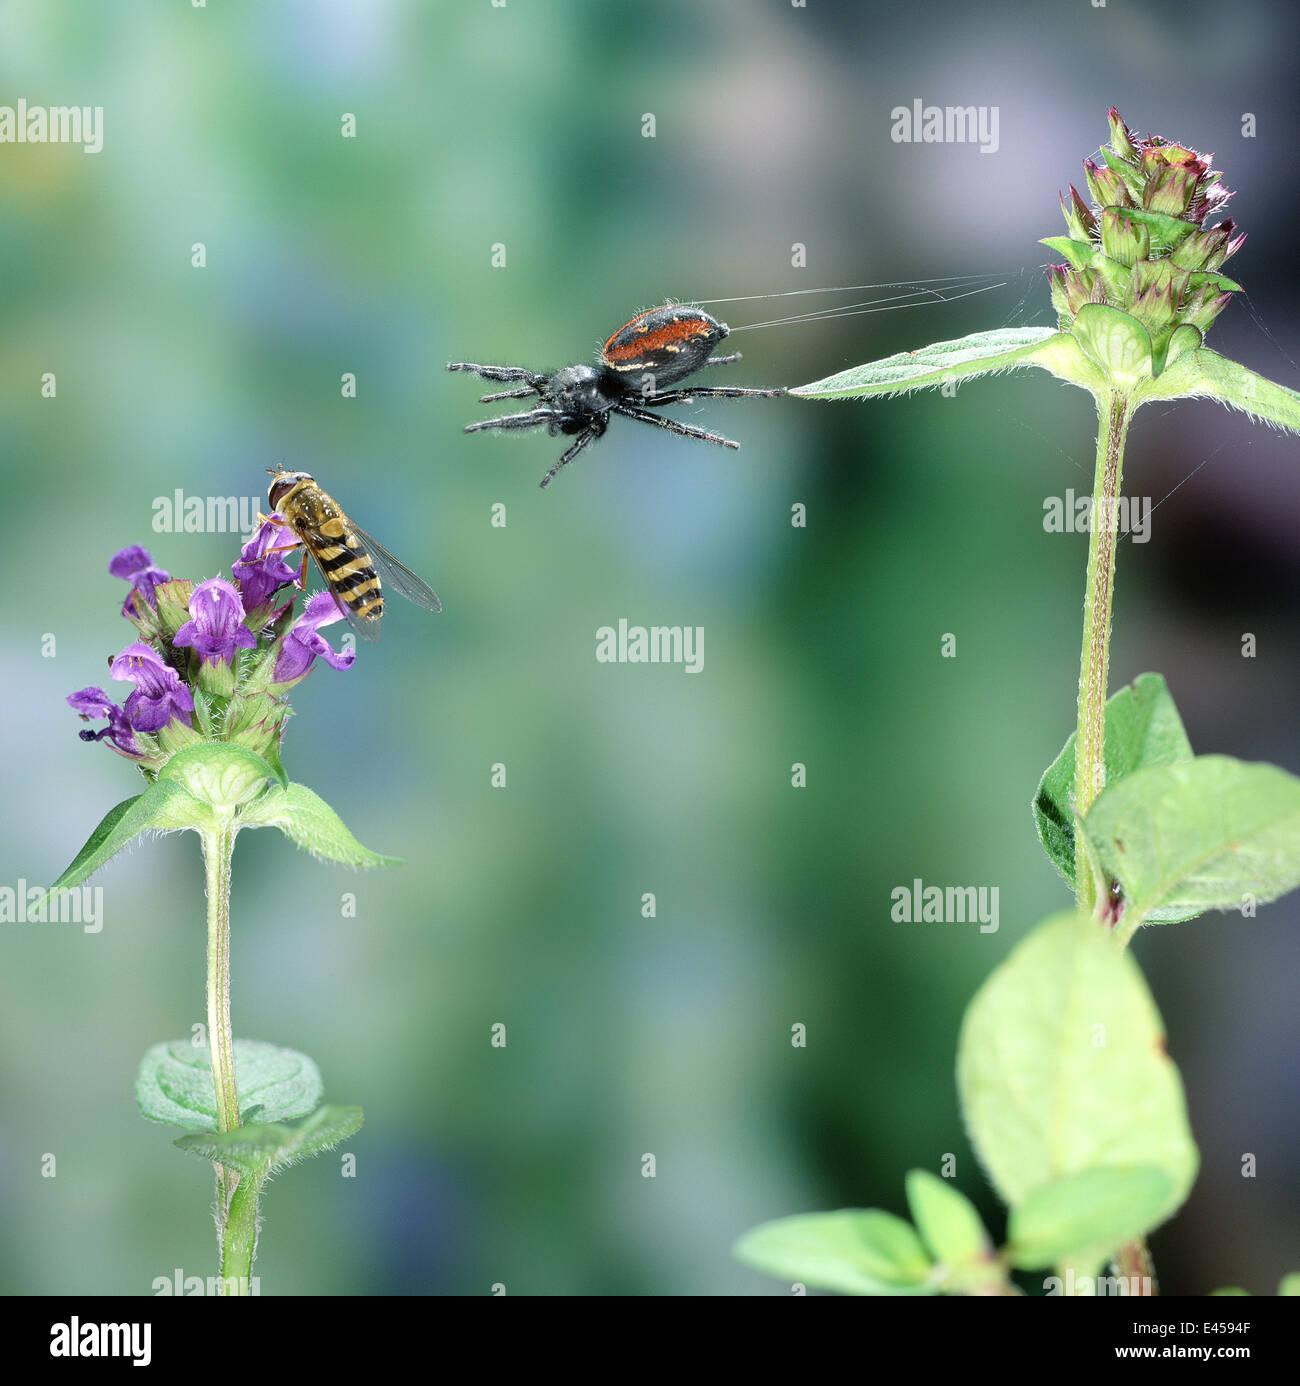 Springspinne (Phidippus Clarus) stürzen sich auf eine Hoverfly. Digital Composite, UK. Stockbild